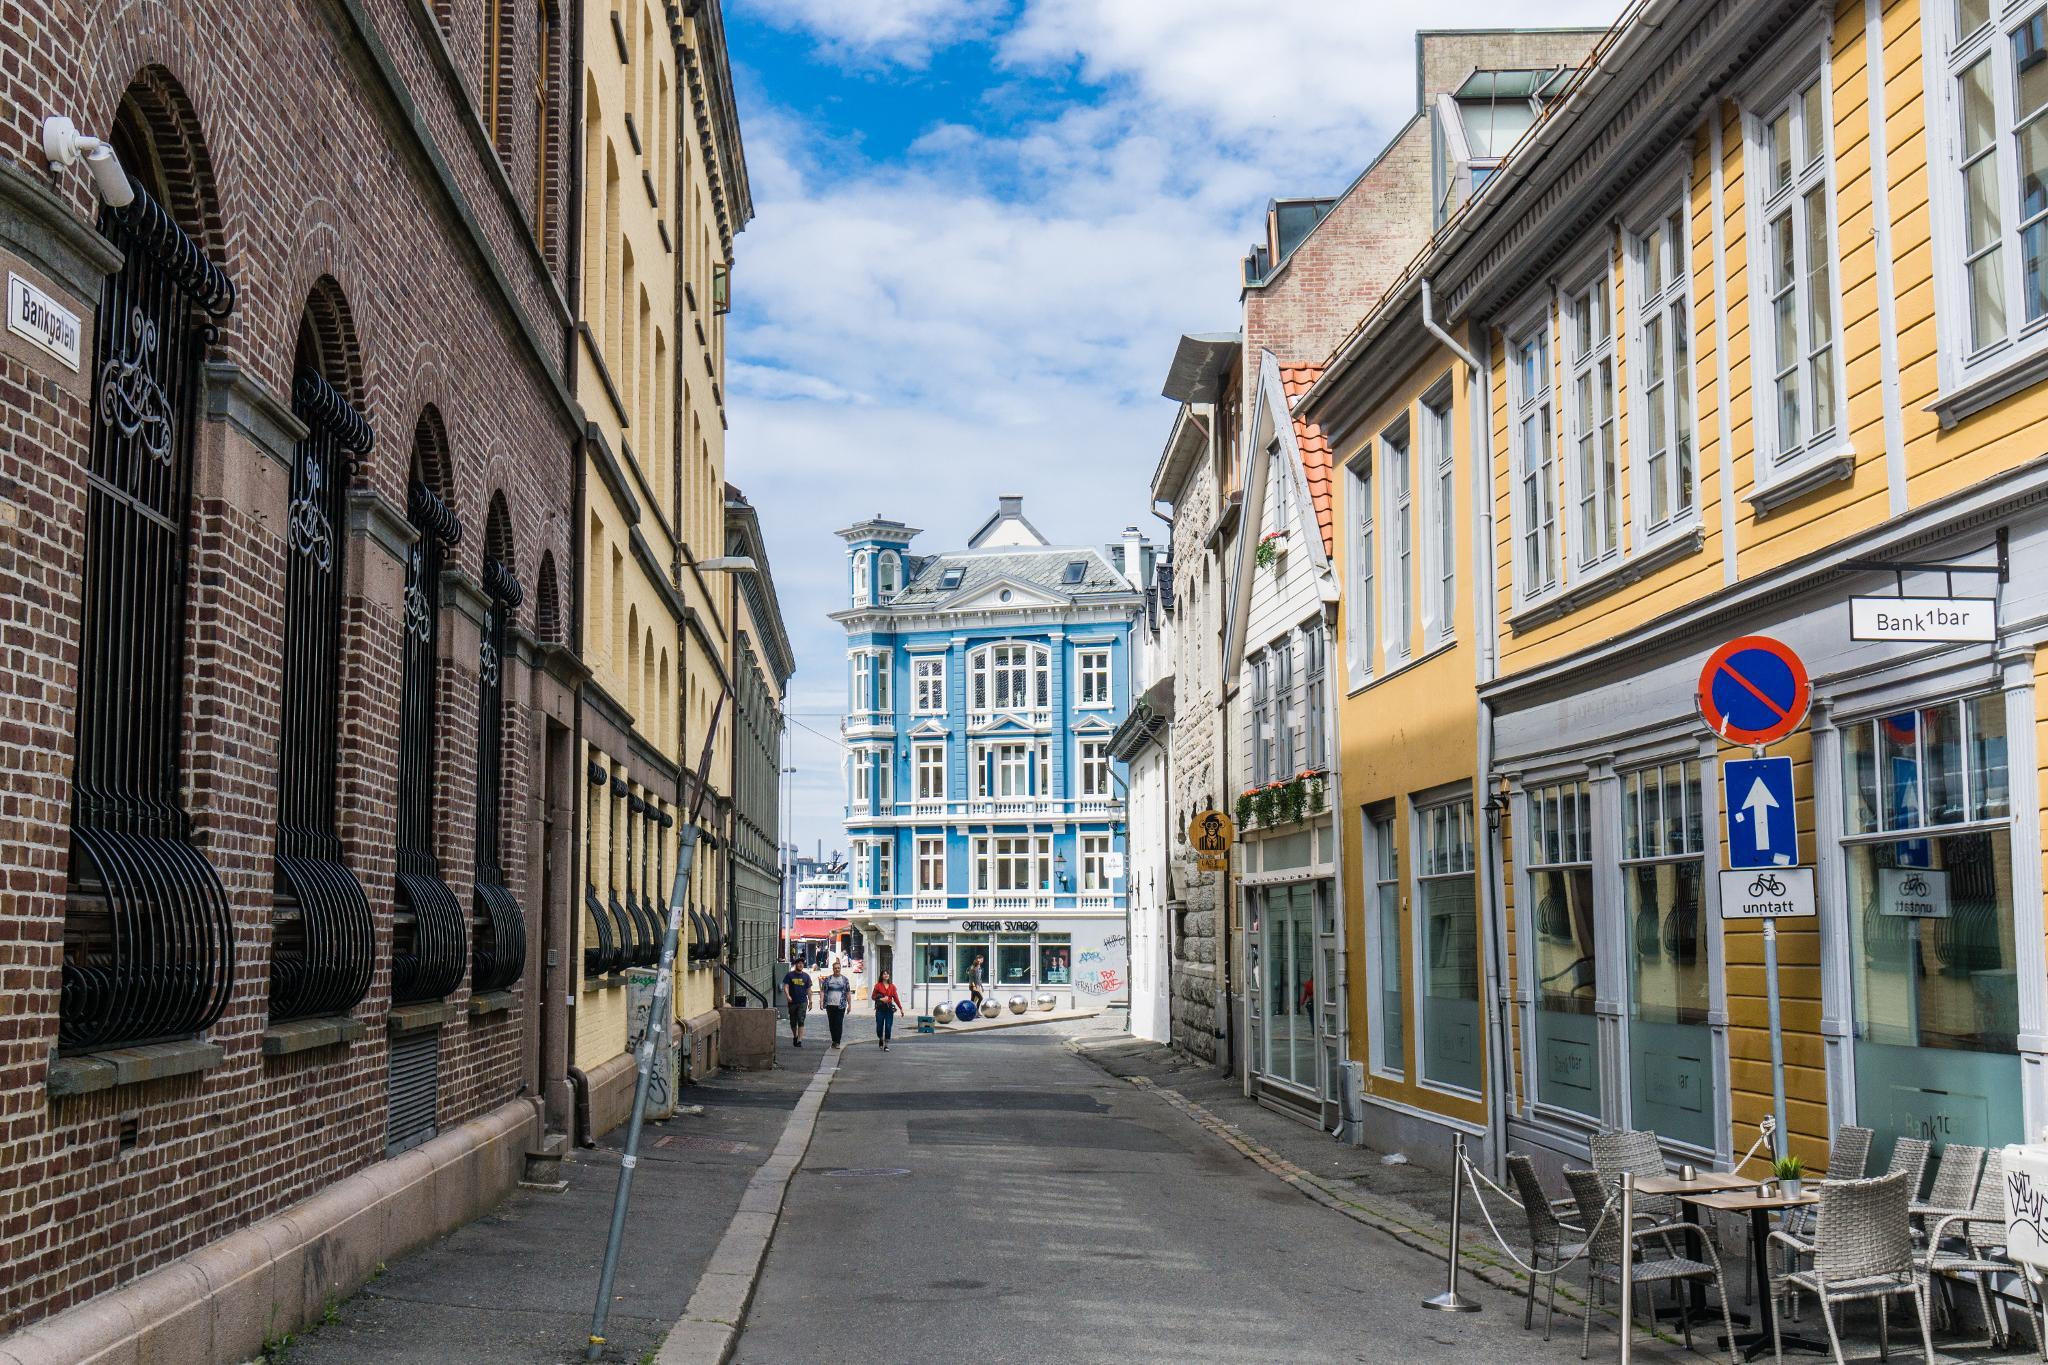 【卑爾根】童話北歐!卑爾根自由行景點全攻略 148